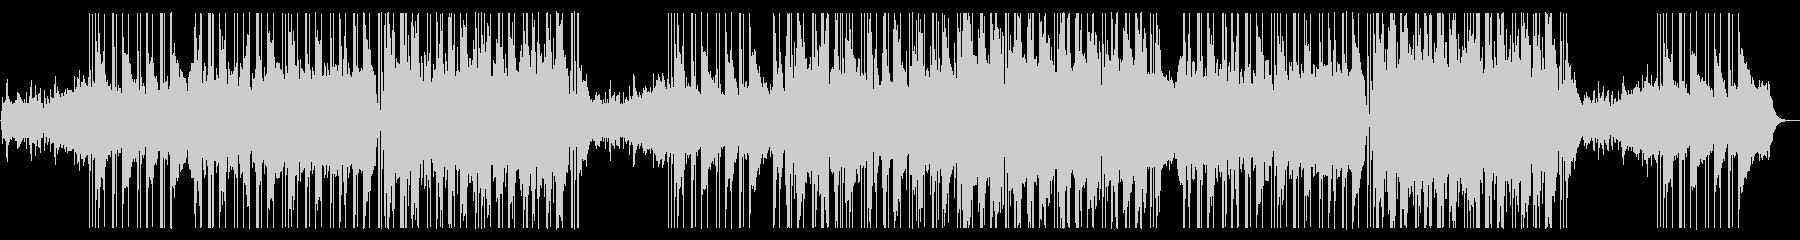 セクシーなR&Bラブバラードの未再生の波形